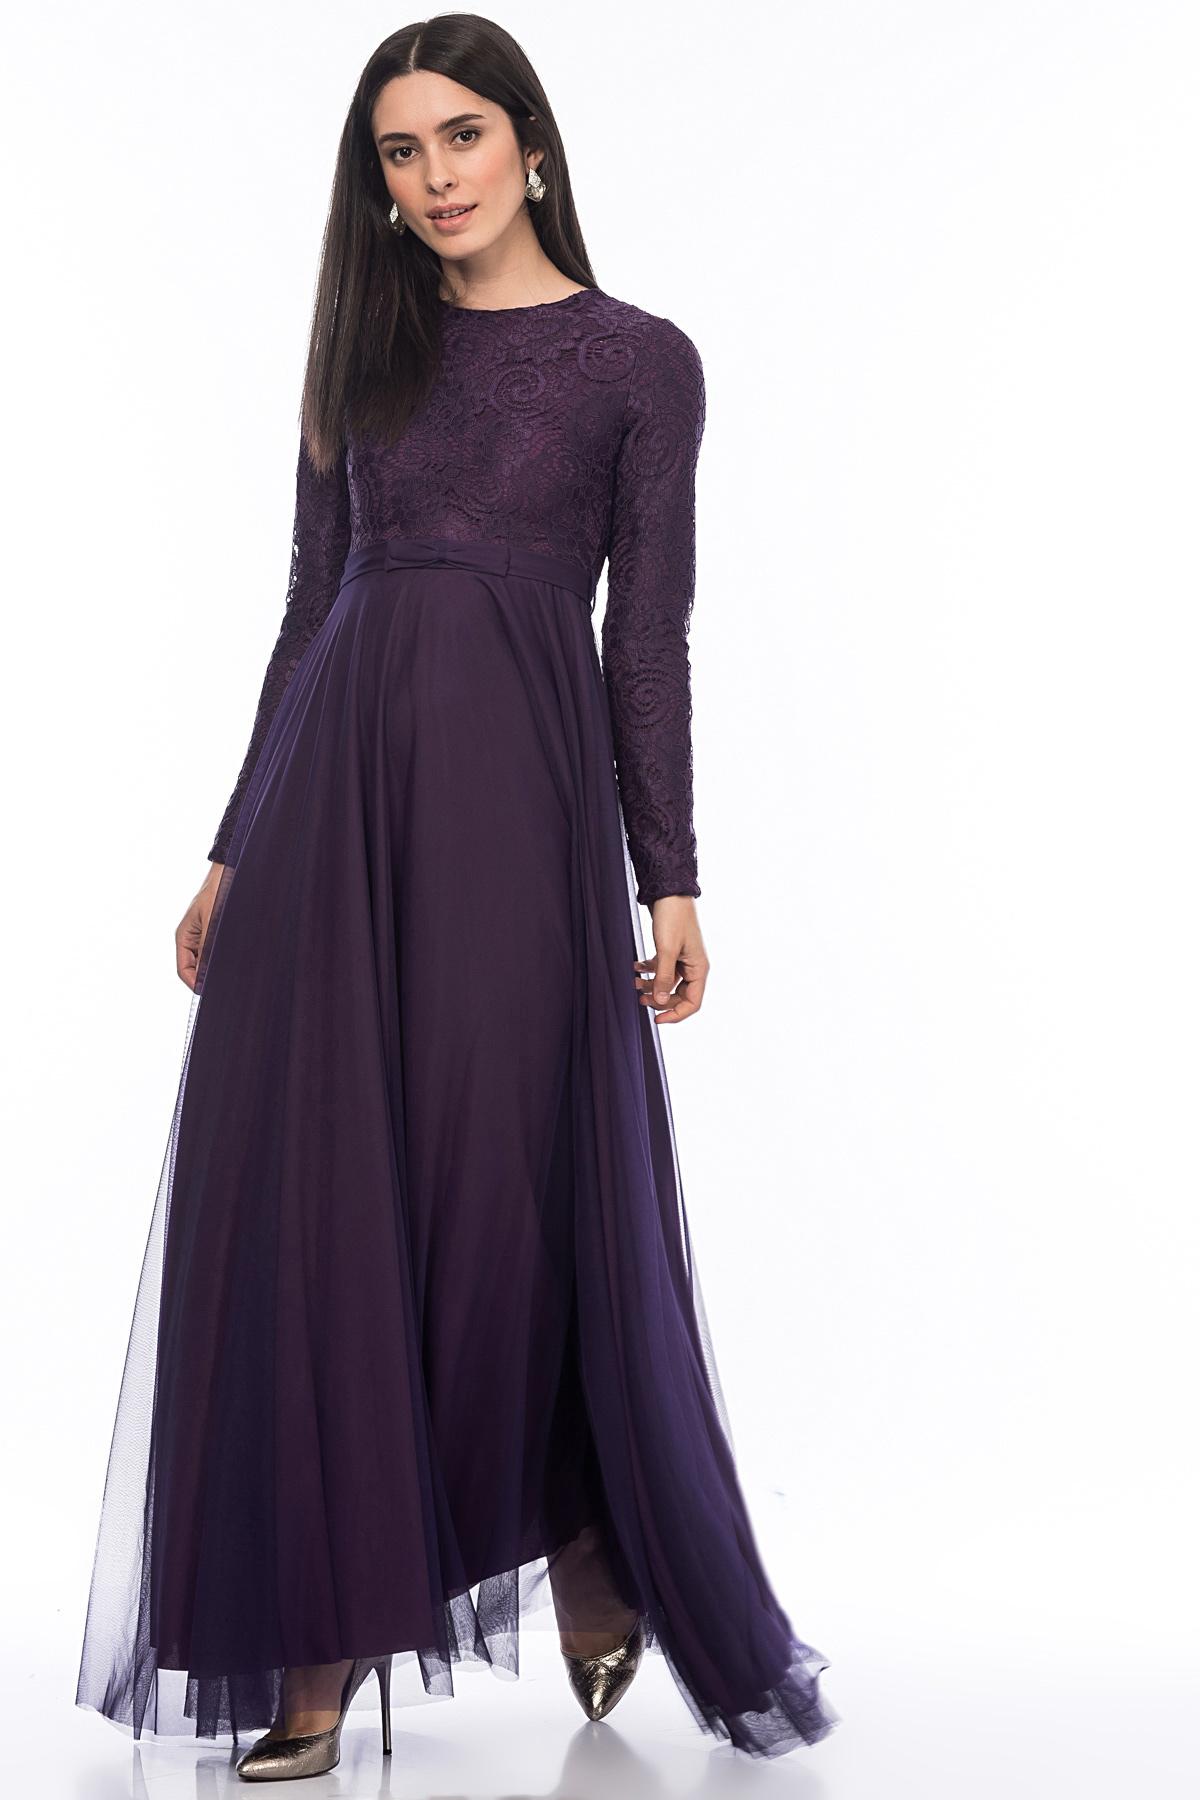 85ab40fab2b30 İroni Üstü Dantel Altı Tül Uzun Abiye Elbise - n11.com